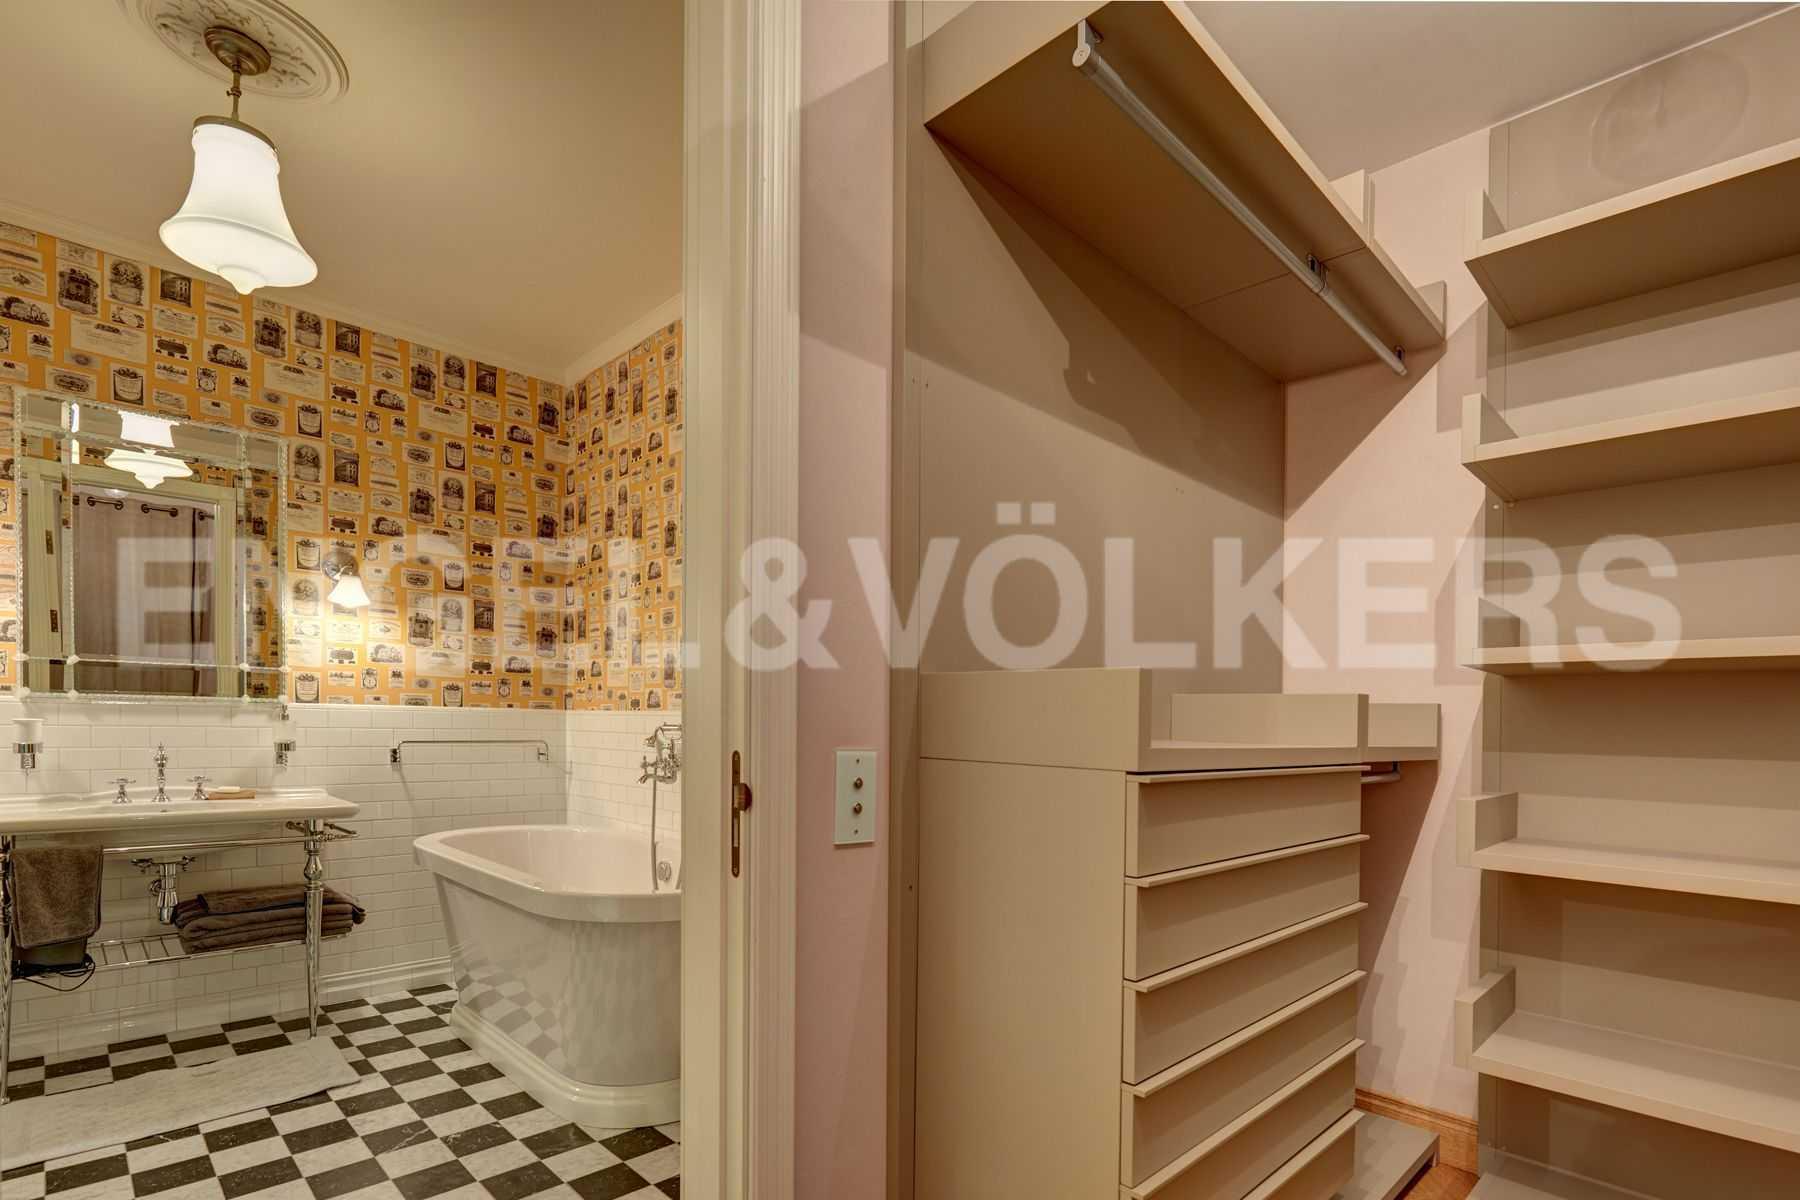 Элитные квартиры на . Санкт-Петербург, Динамо,12. Гардеробная и ванная в приватной зоне